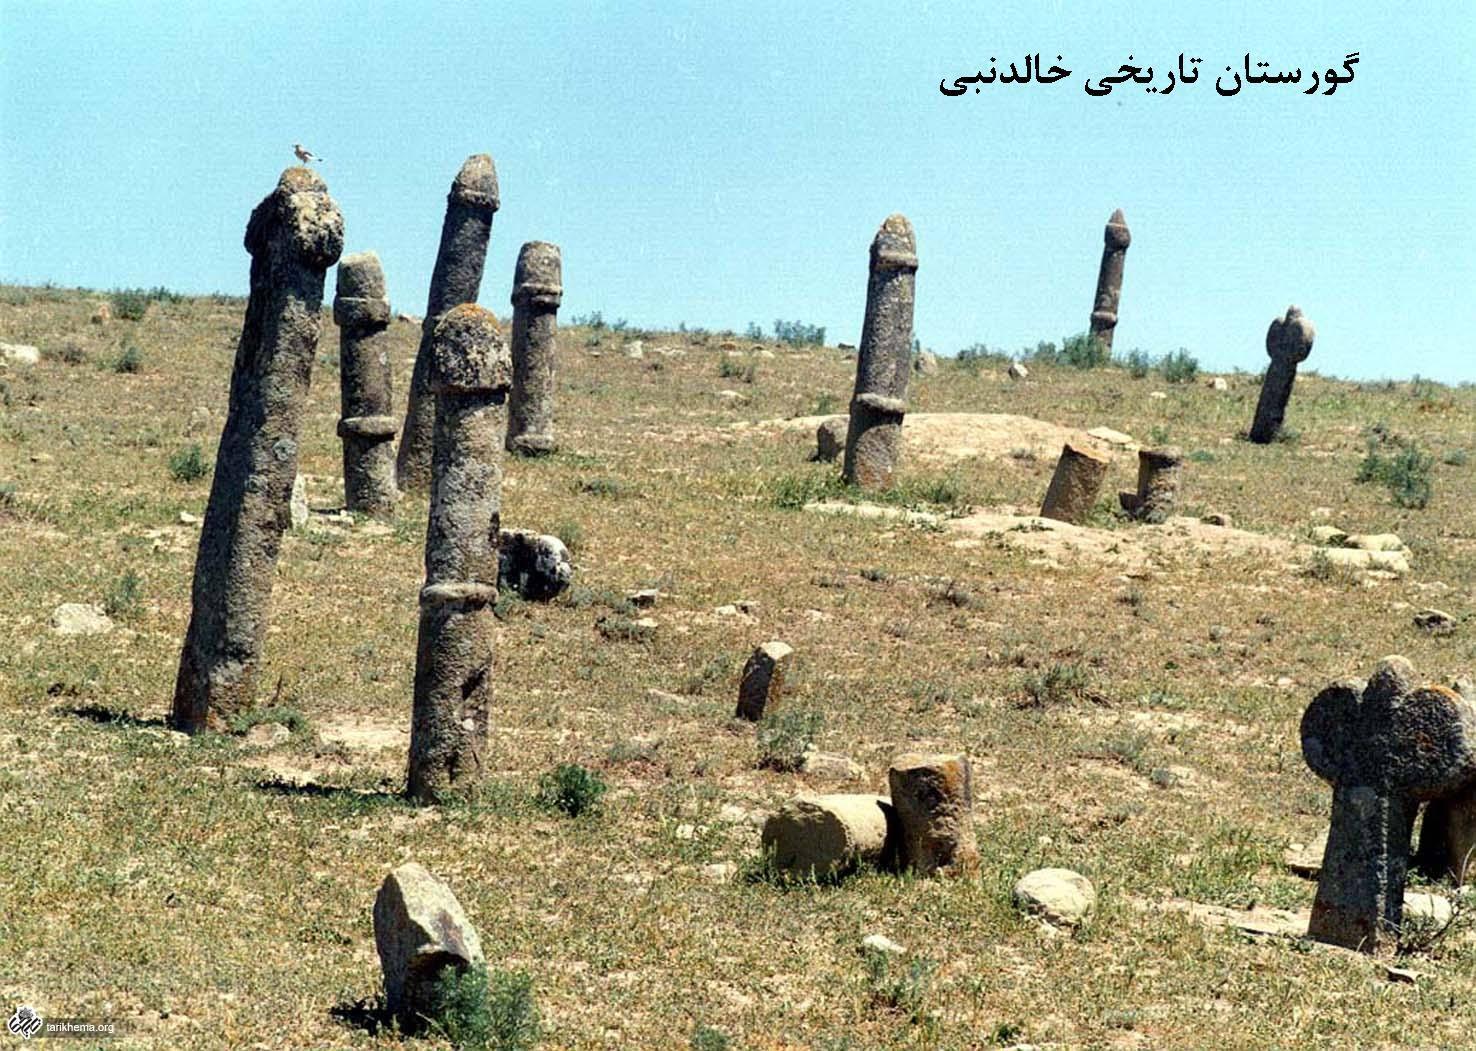 گورستان خالد نبی، گورستانی عجیب با نماد های جنسی